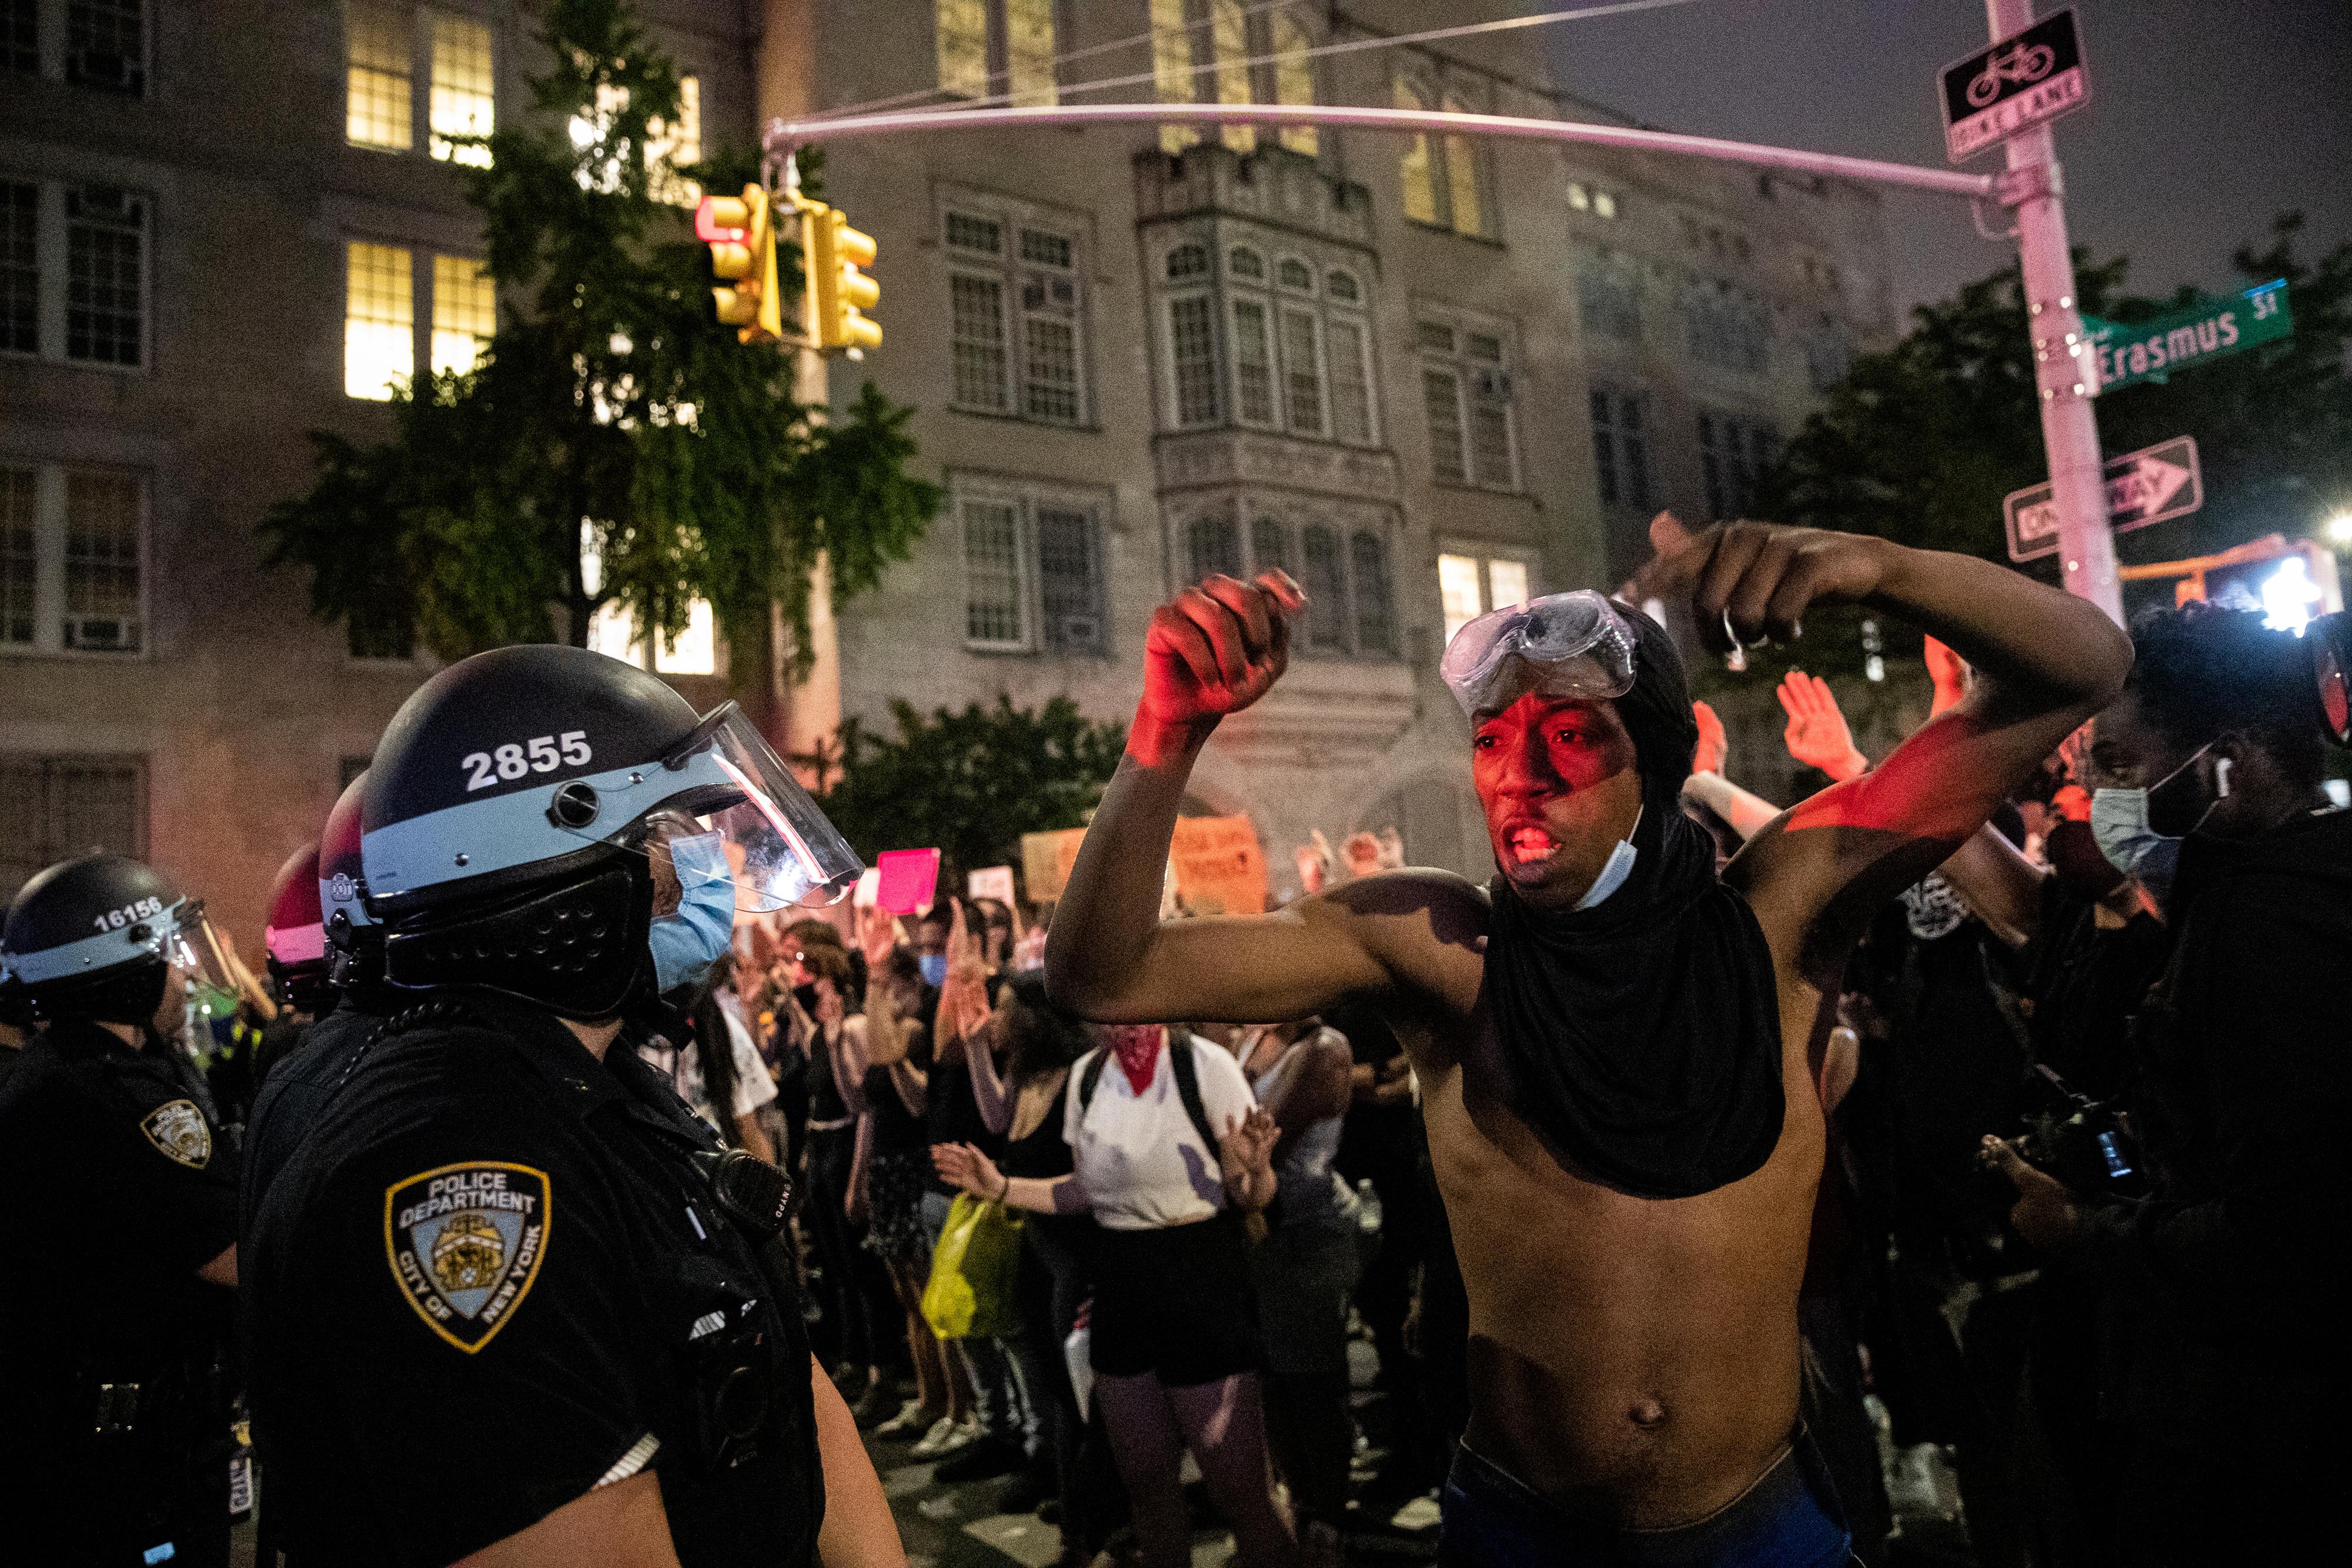 El alcalde Bill de Blasio, en una rueda de prensa de urgencia y en una entrevista en la cadena local NY1, justificó la acción policial ante una